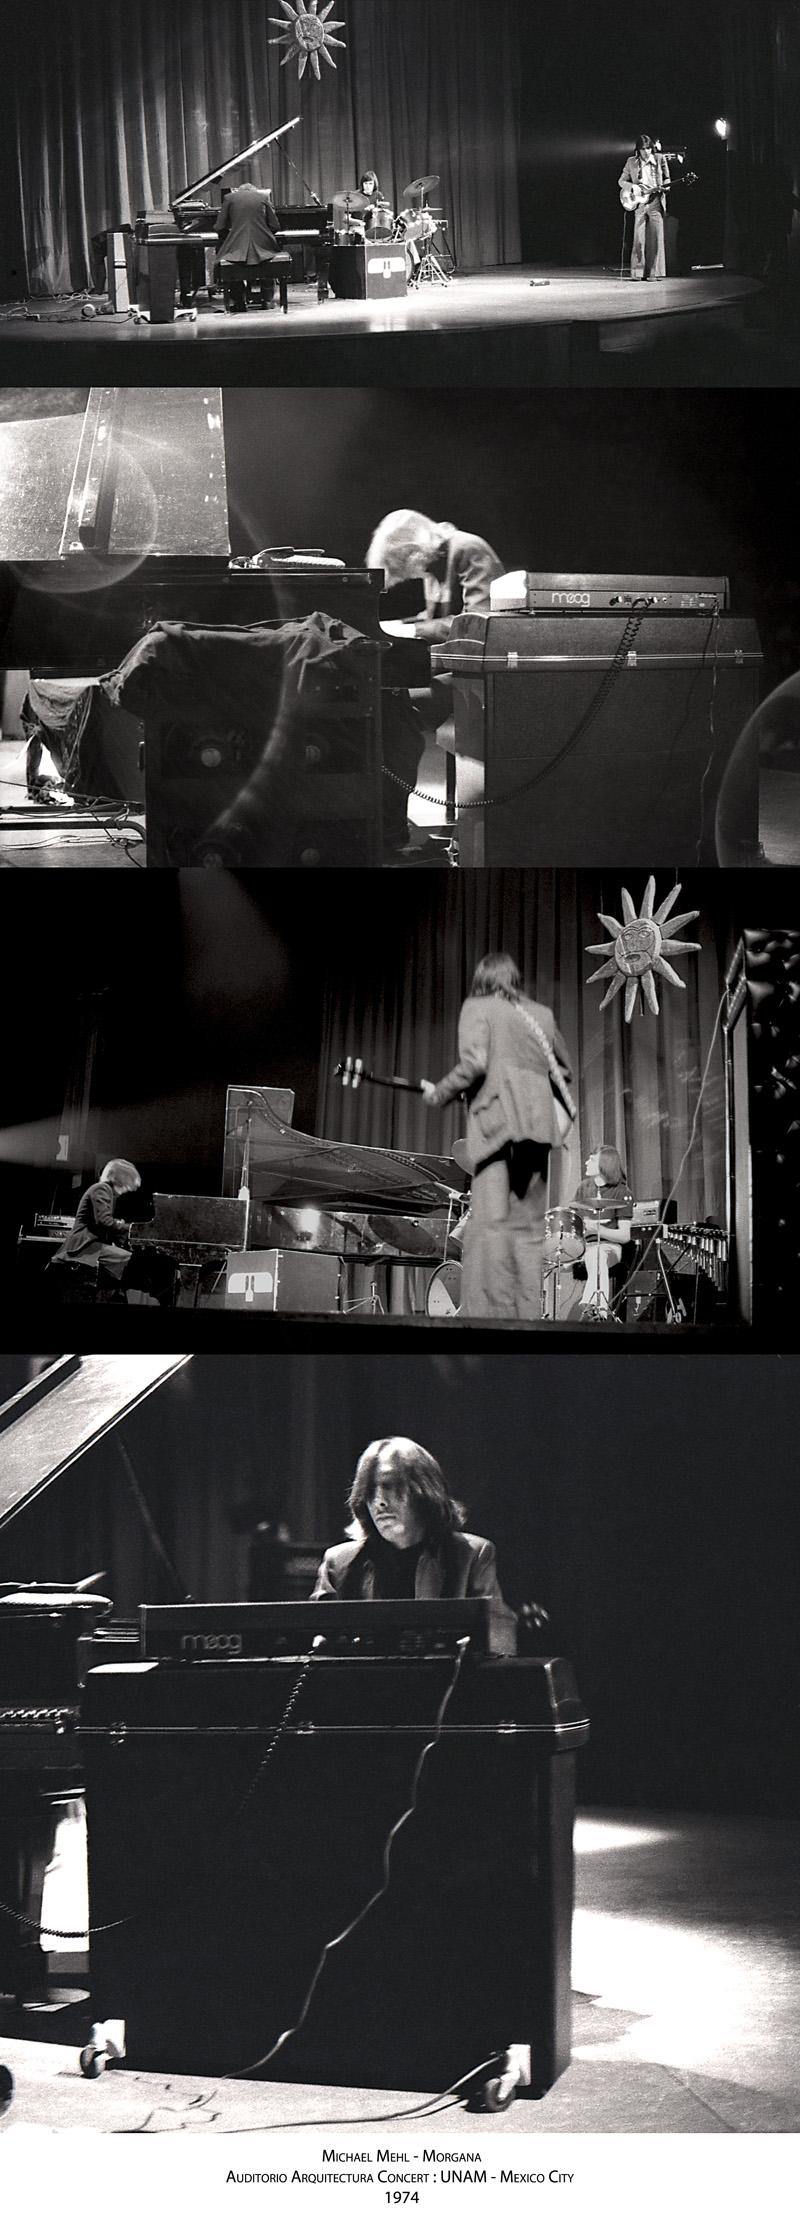 1974_Michael-Mehl_Morgana_Auditorio-Arquitectura-Concert_UNAM_Mexico-City